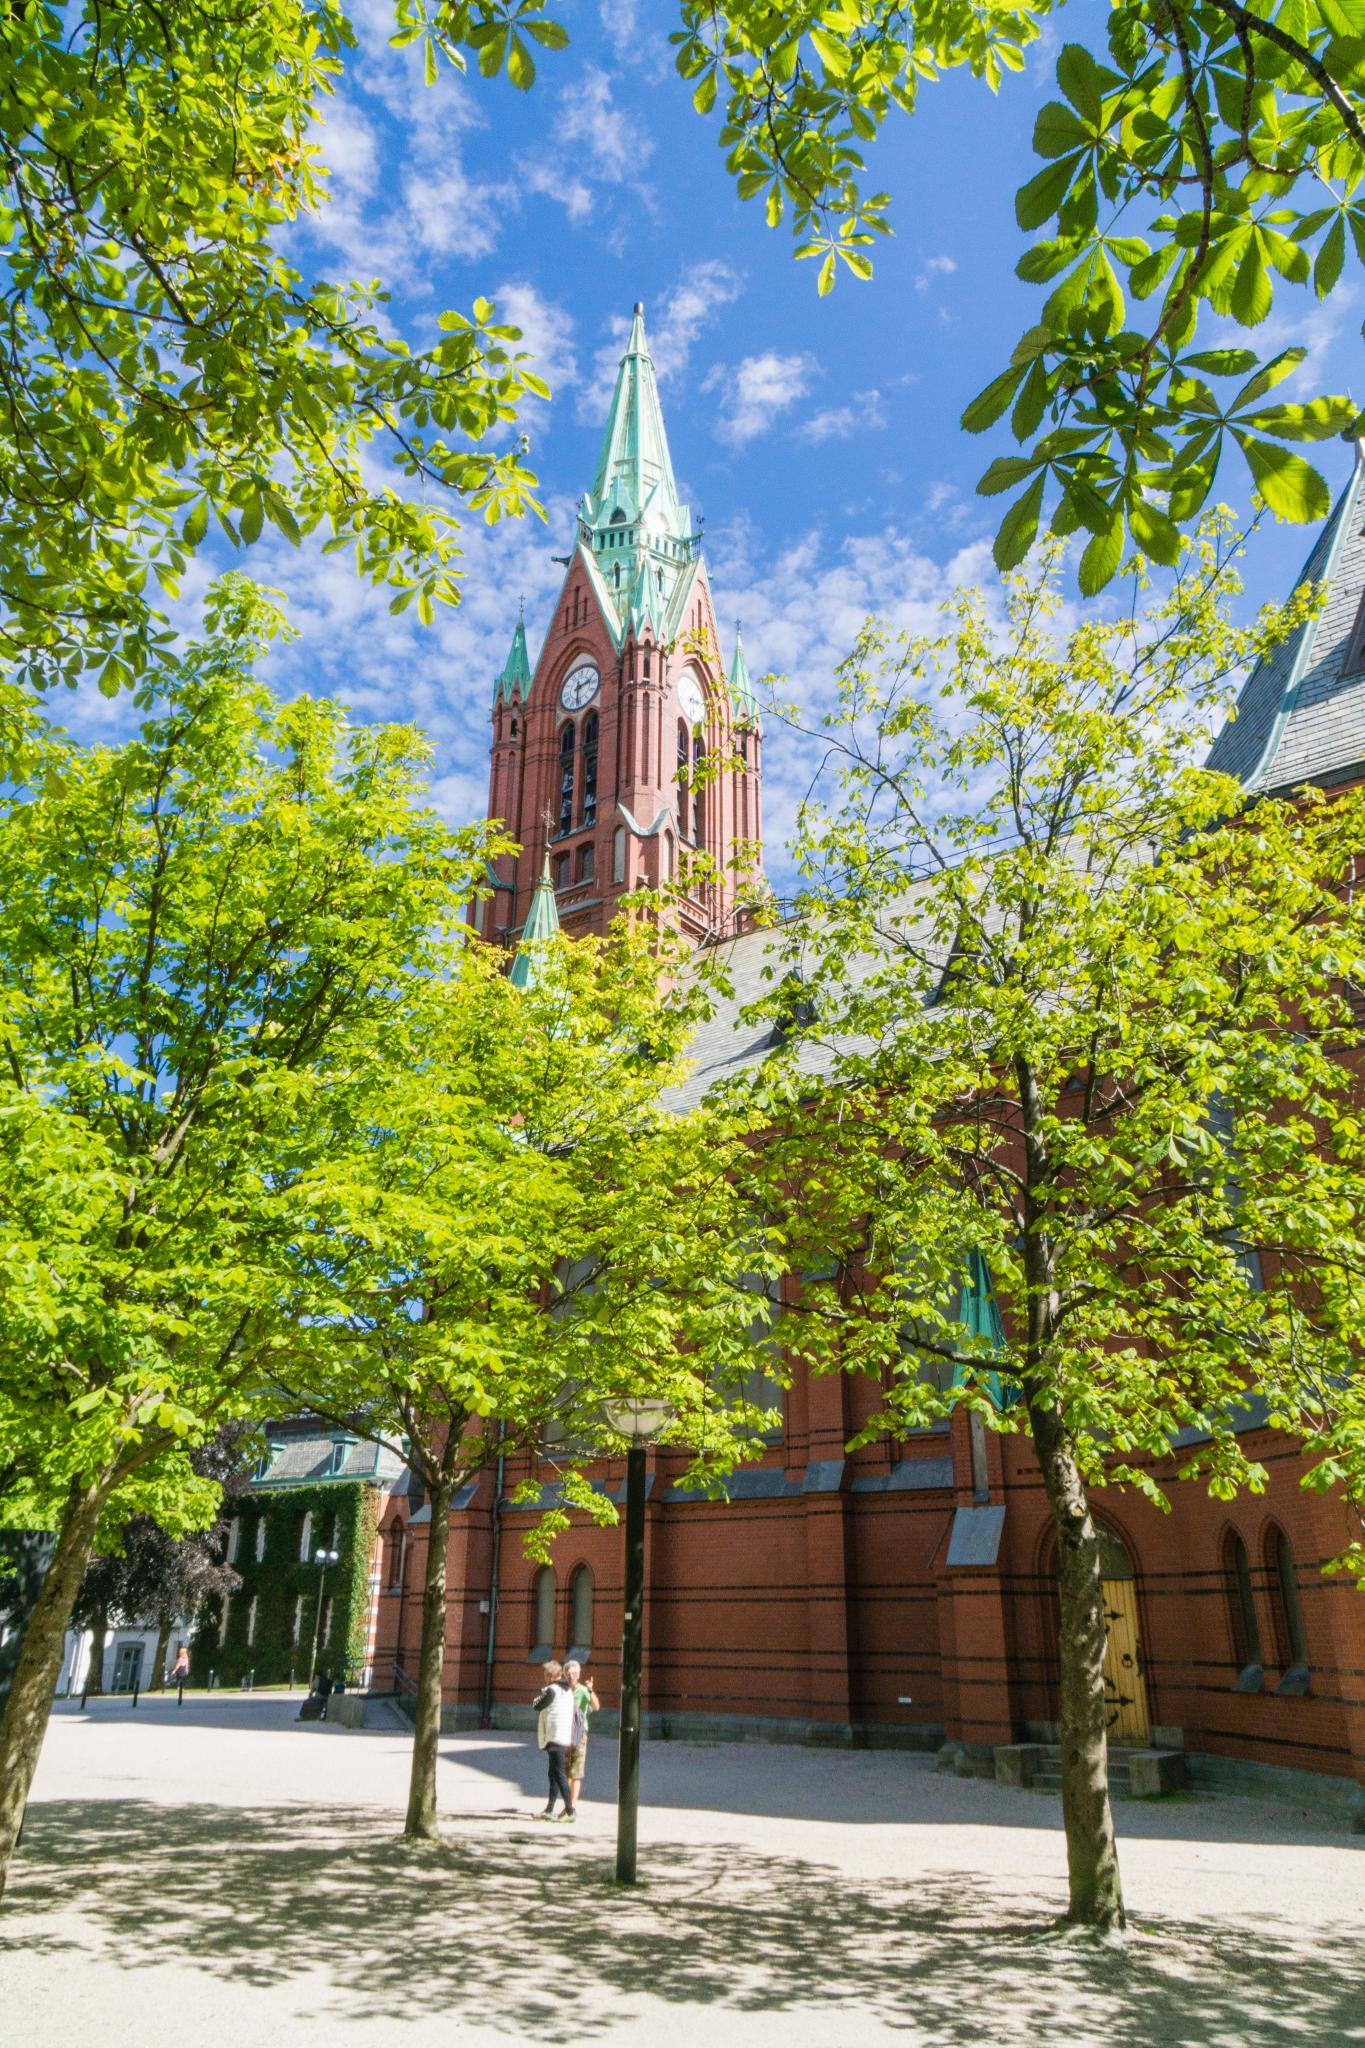 【卑爾根】童話北歐!卑爾根自由行景點全攻略 177